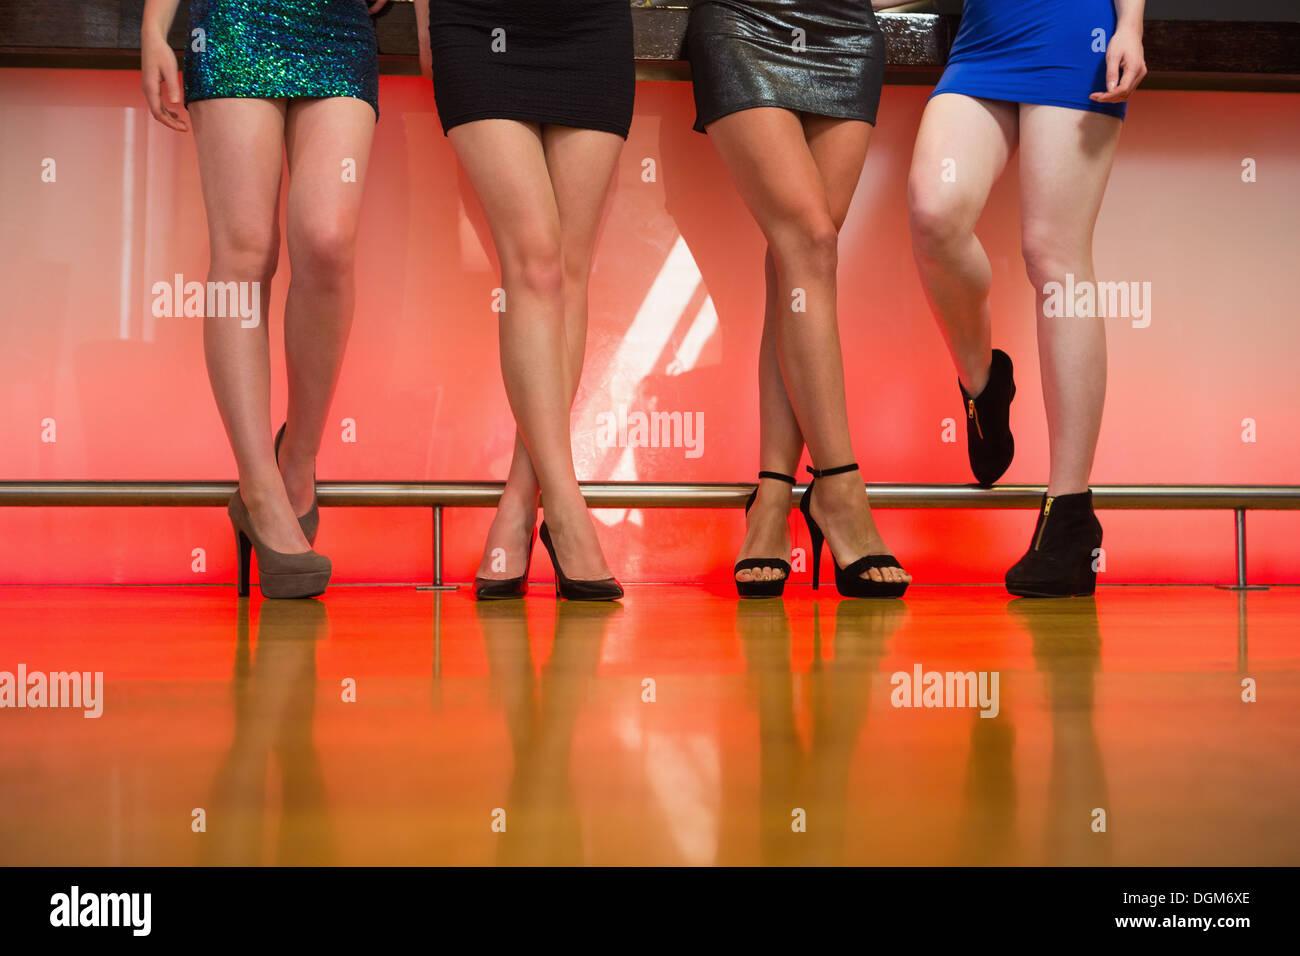 Young women legs posing Stock Photo